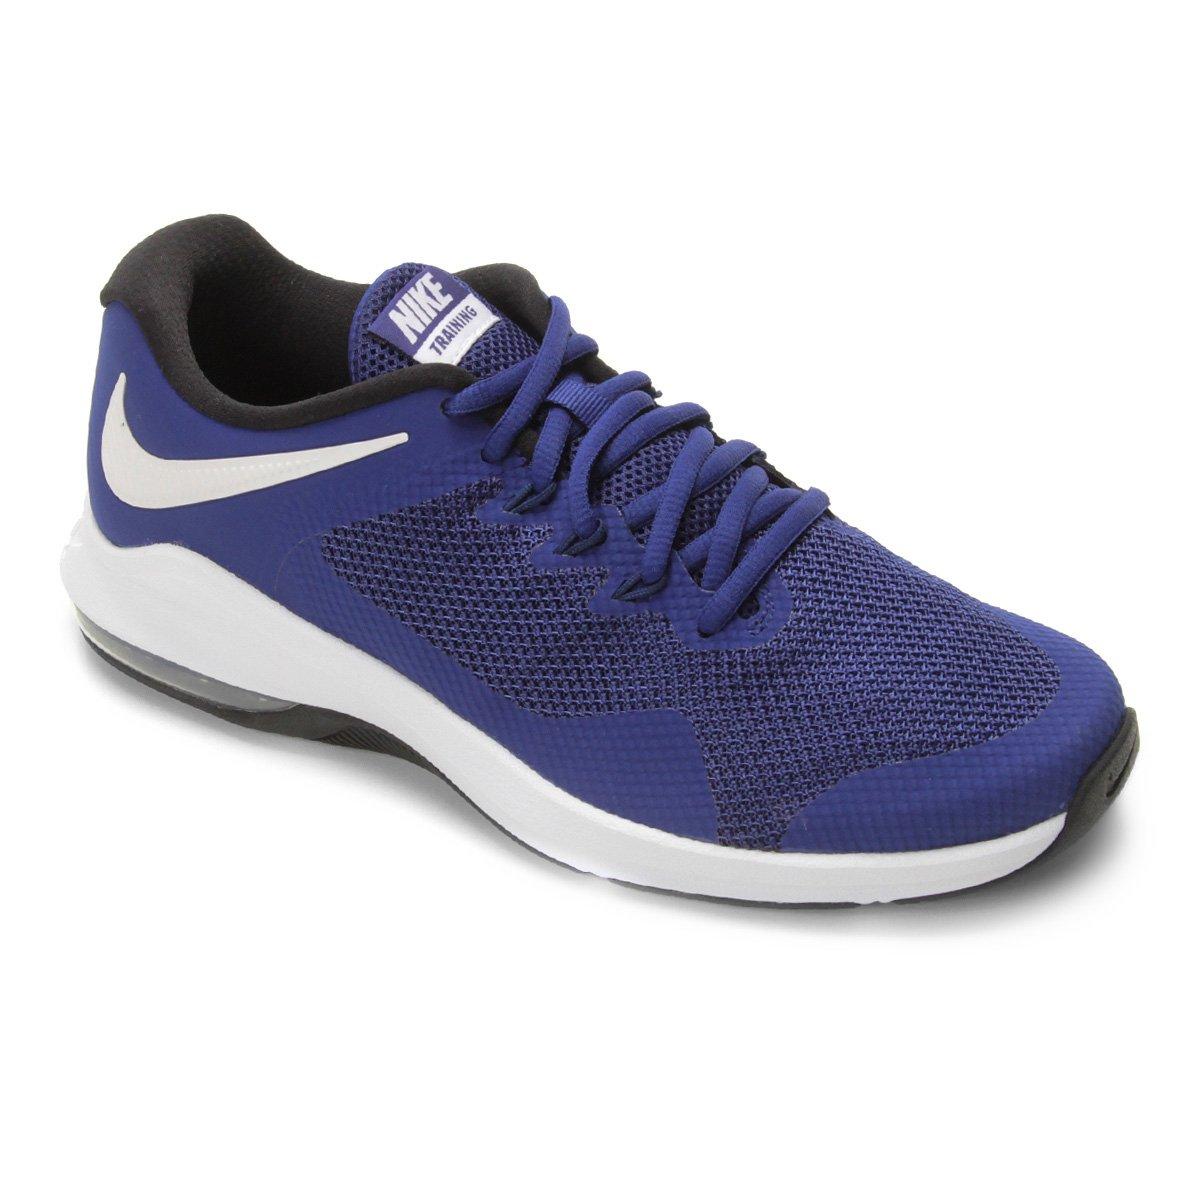 5a5a53db08 Tênis Nike Air Max Alpha Trainer Masculino - Azul Escuro | Shop Timão